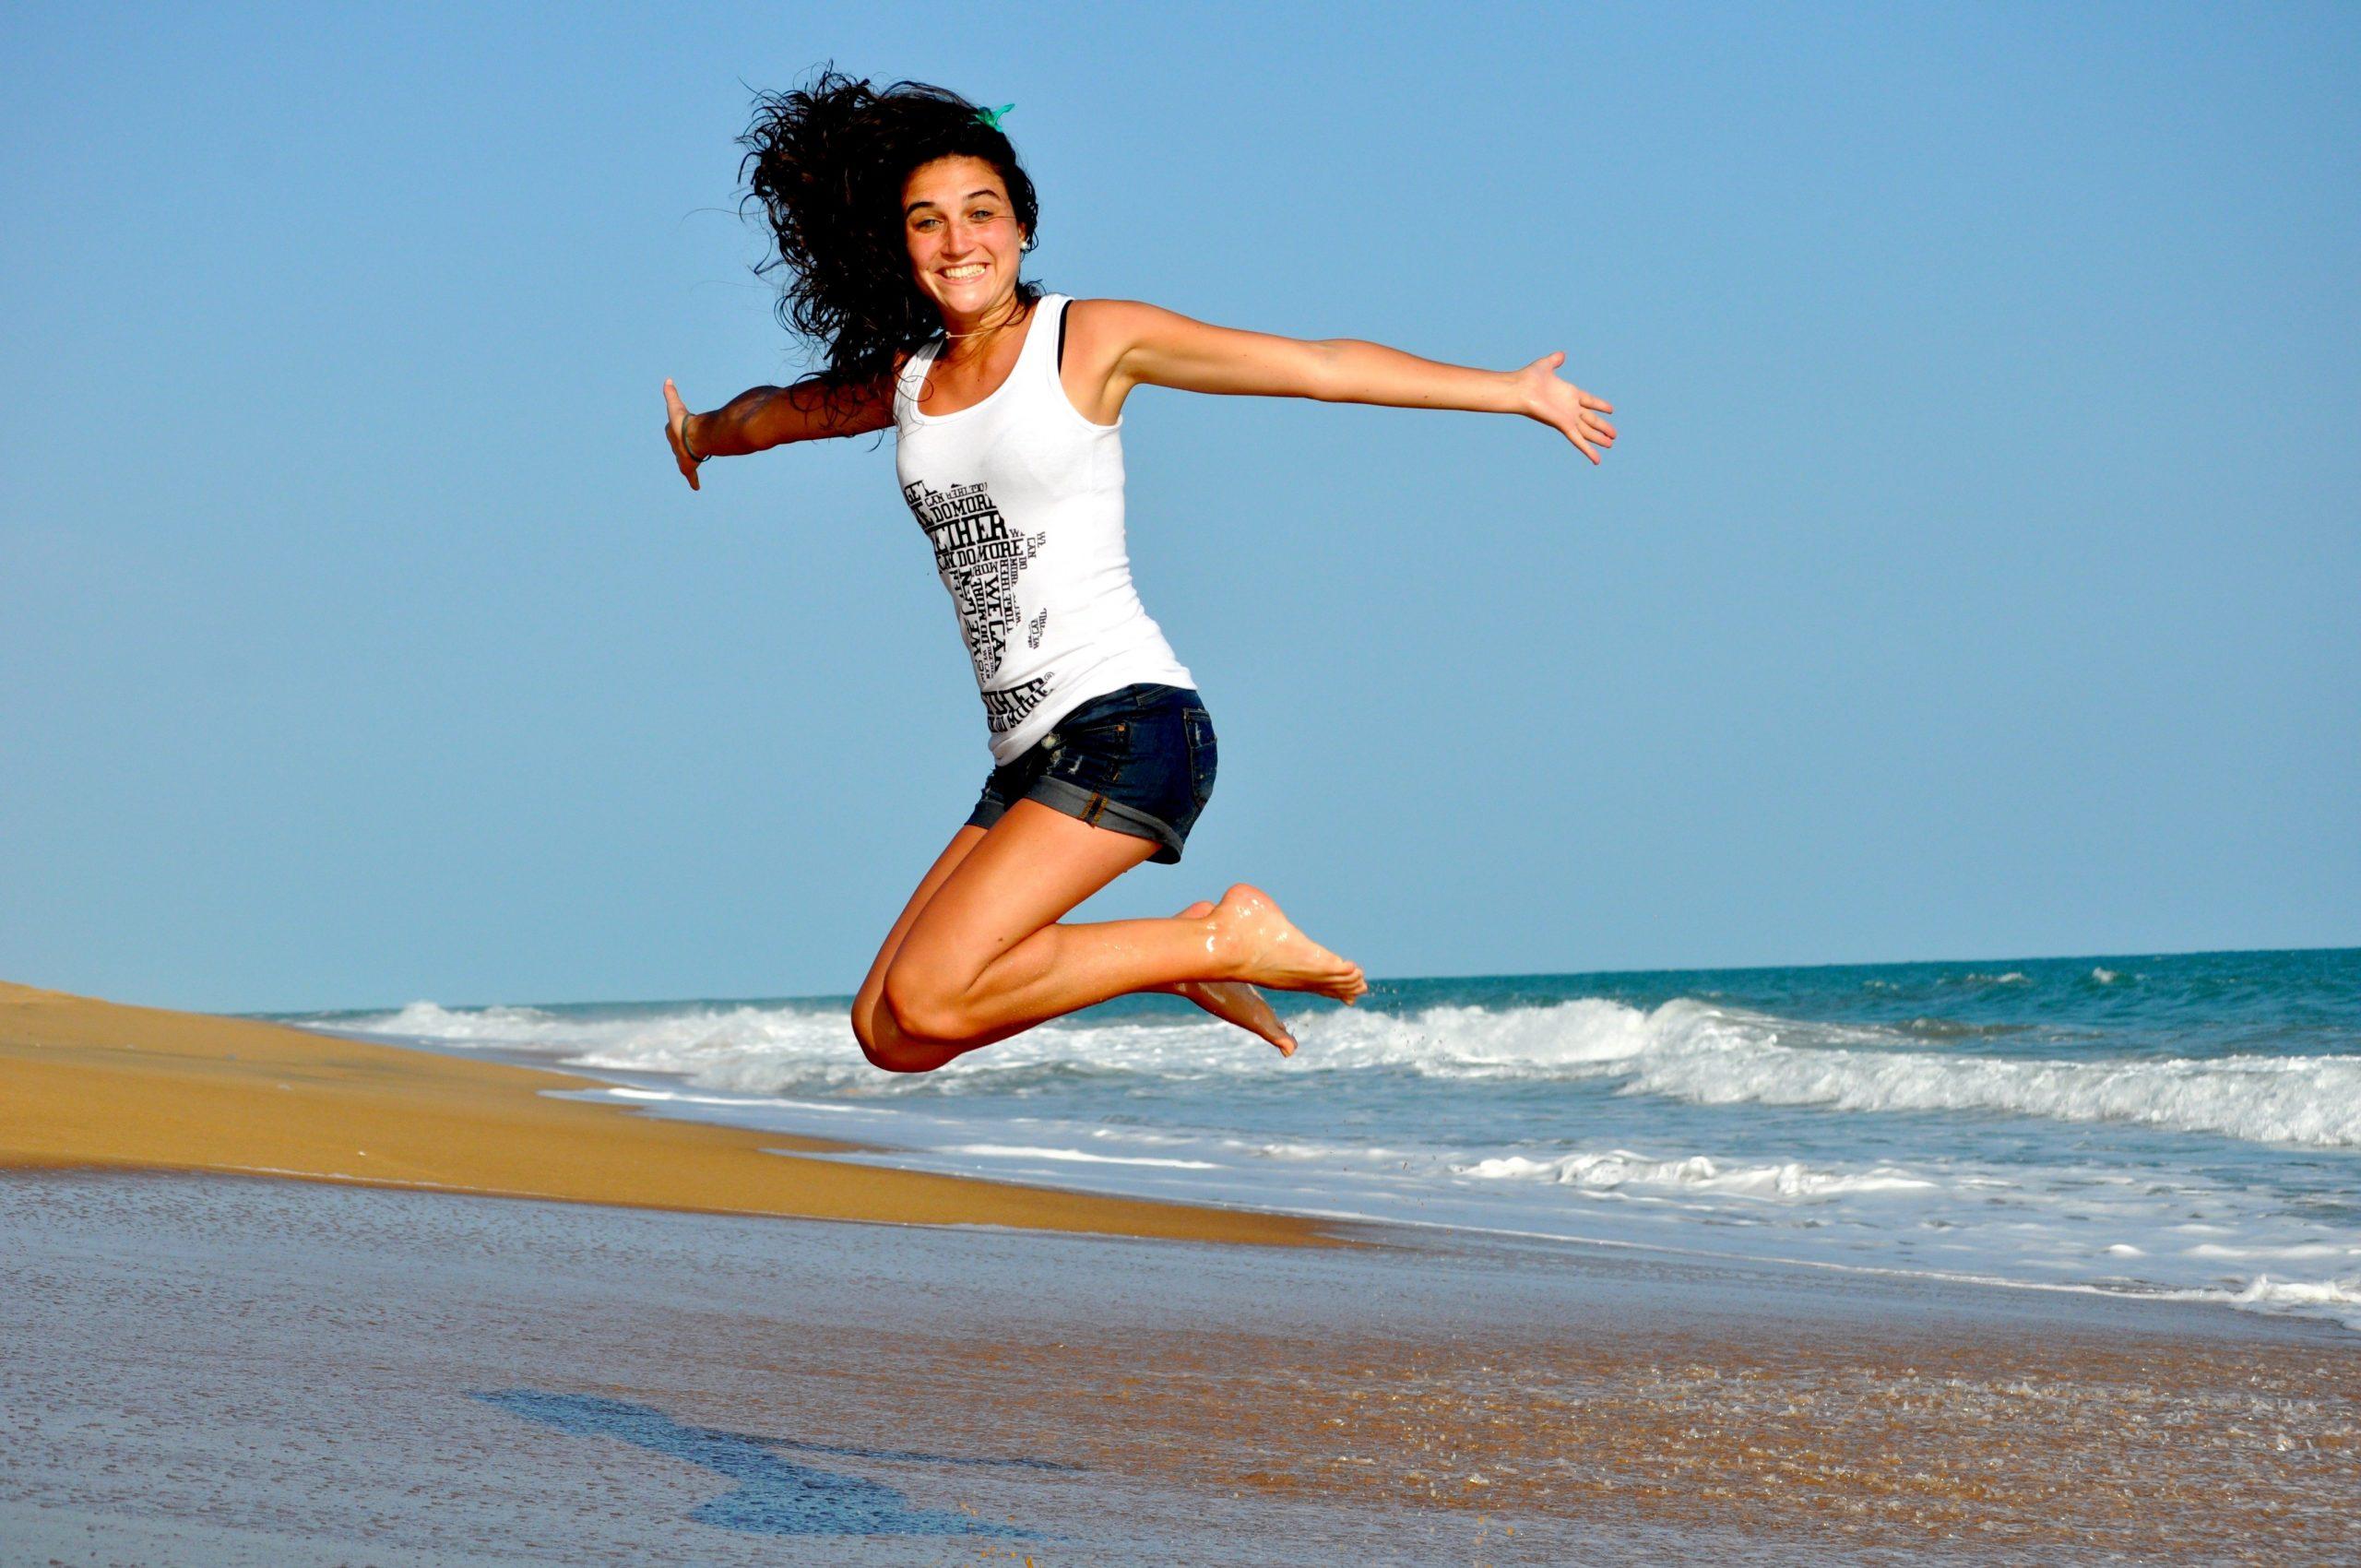 woman, beach, jump